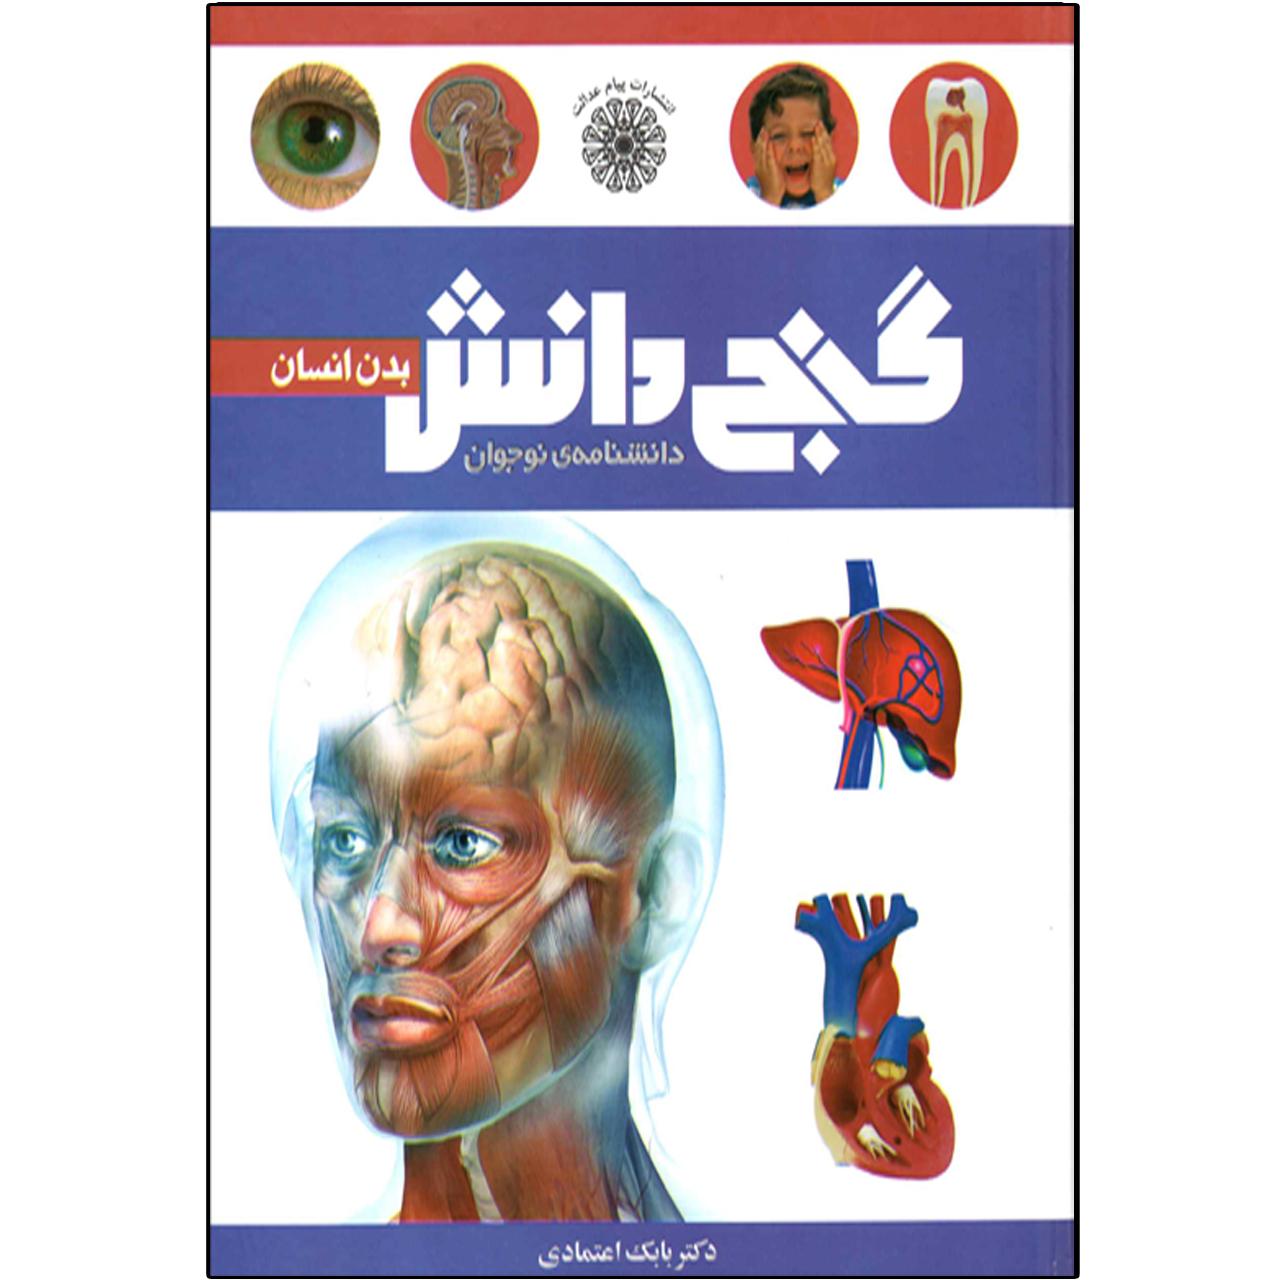 کتاب دانشنامه نوجوان گنج دانش بدن انسان اثر دکتر بابک اعتمادی